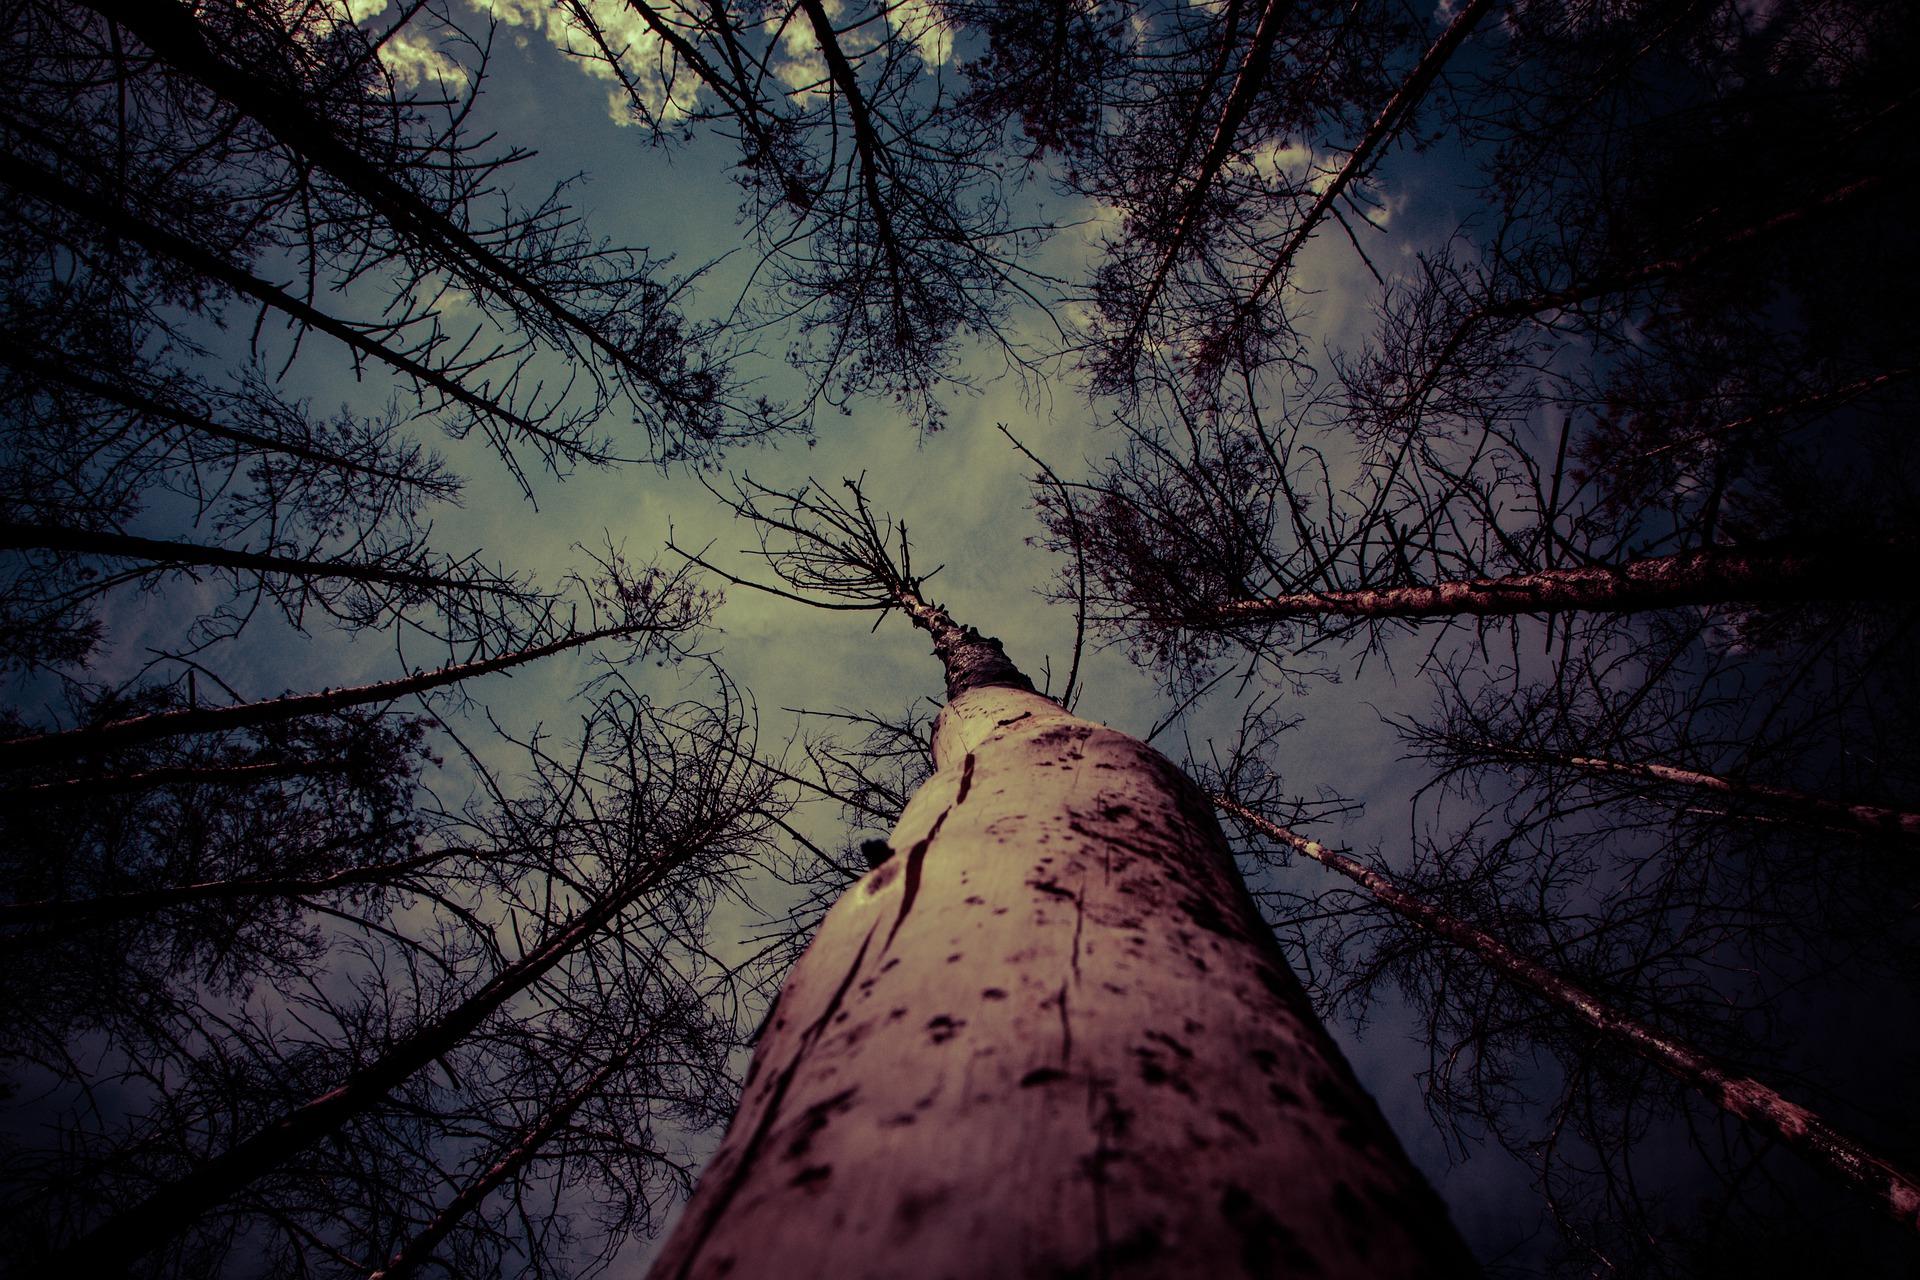 trees-5688625_1920